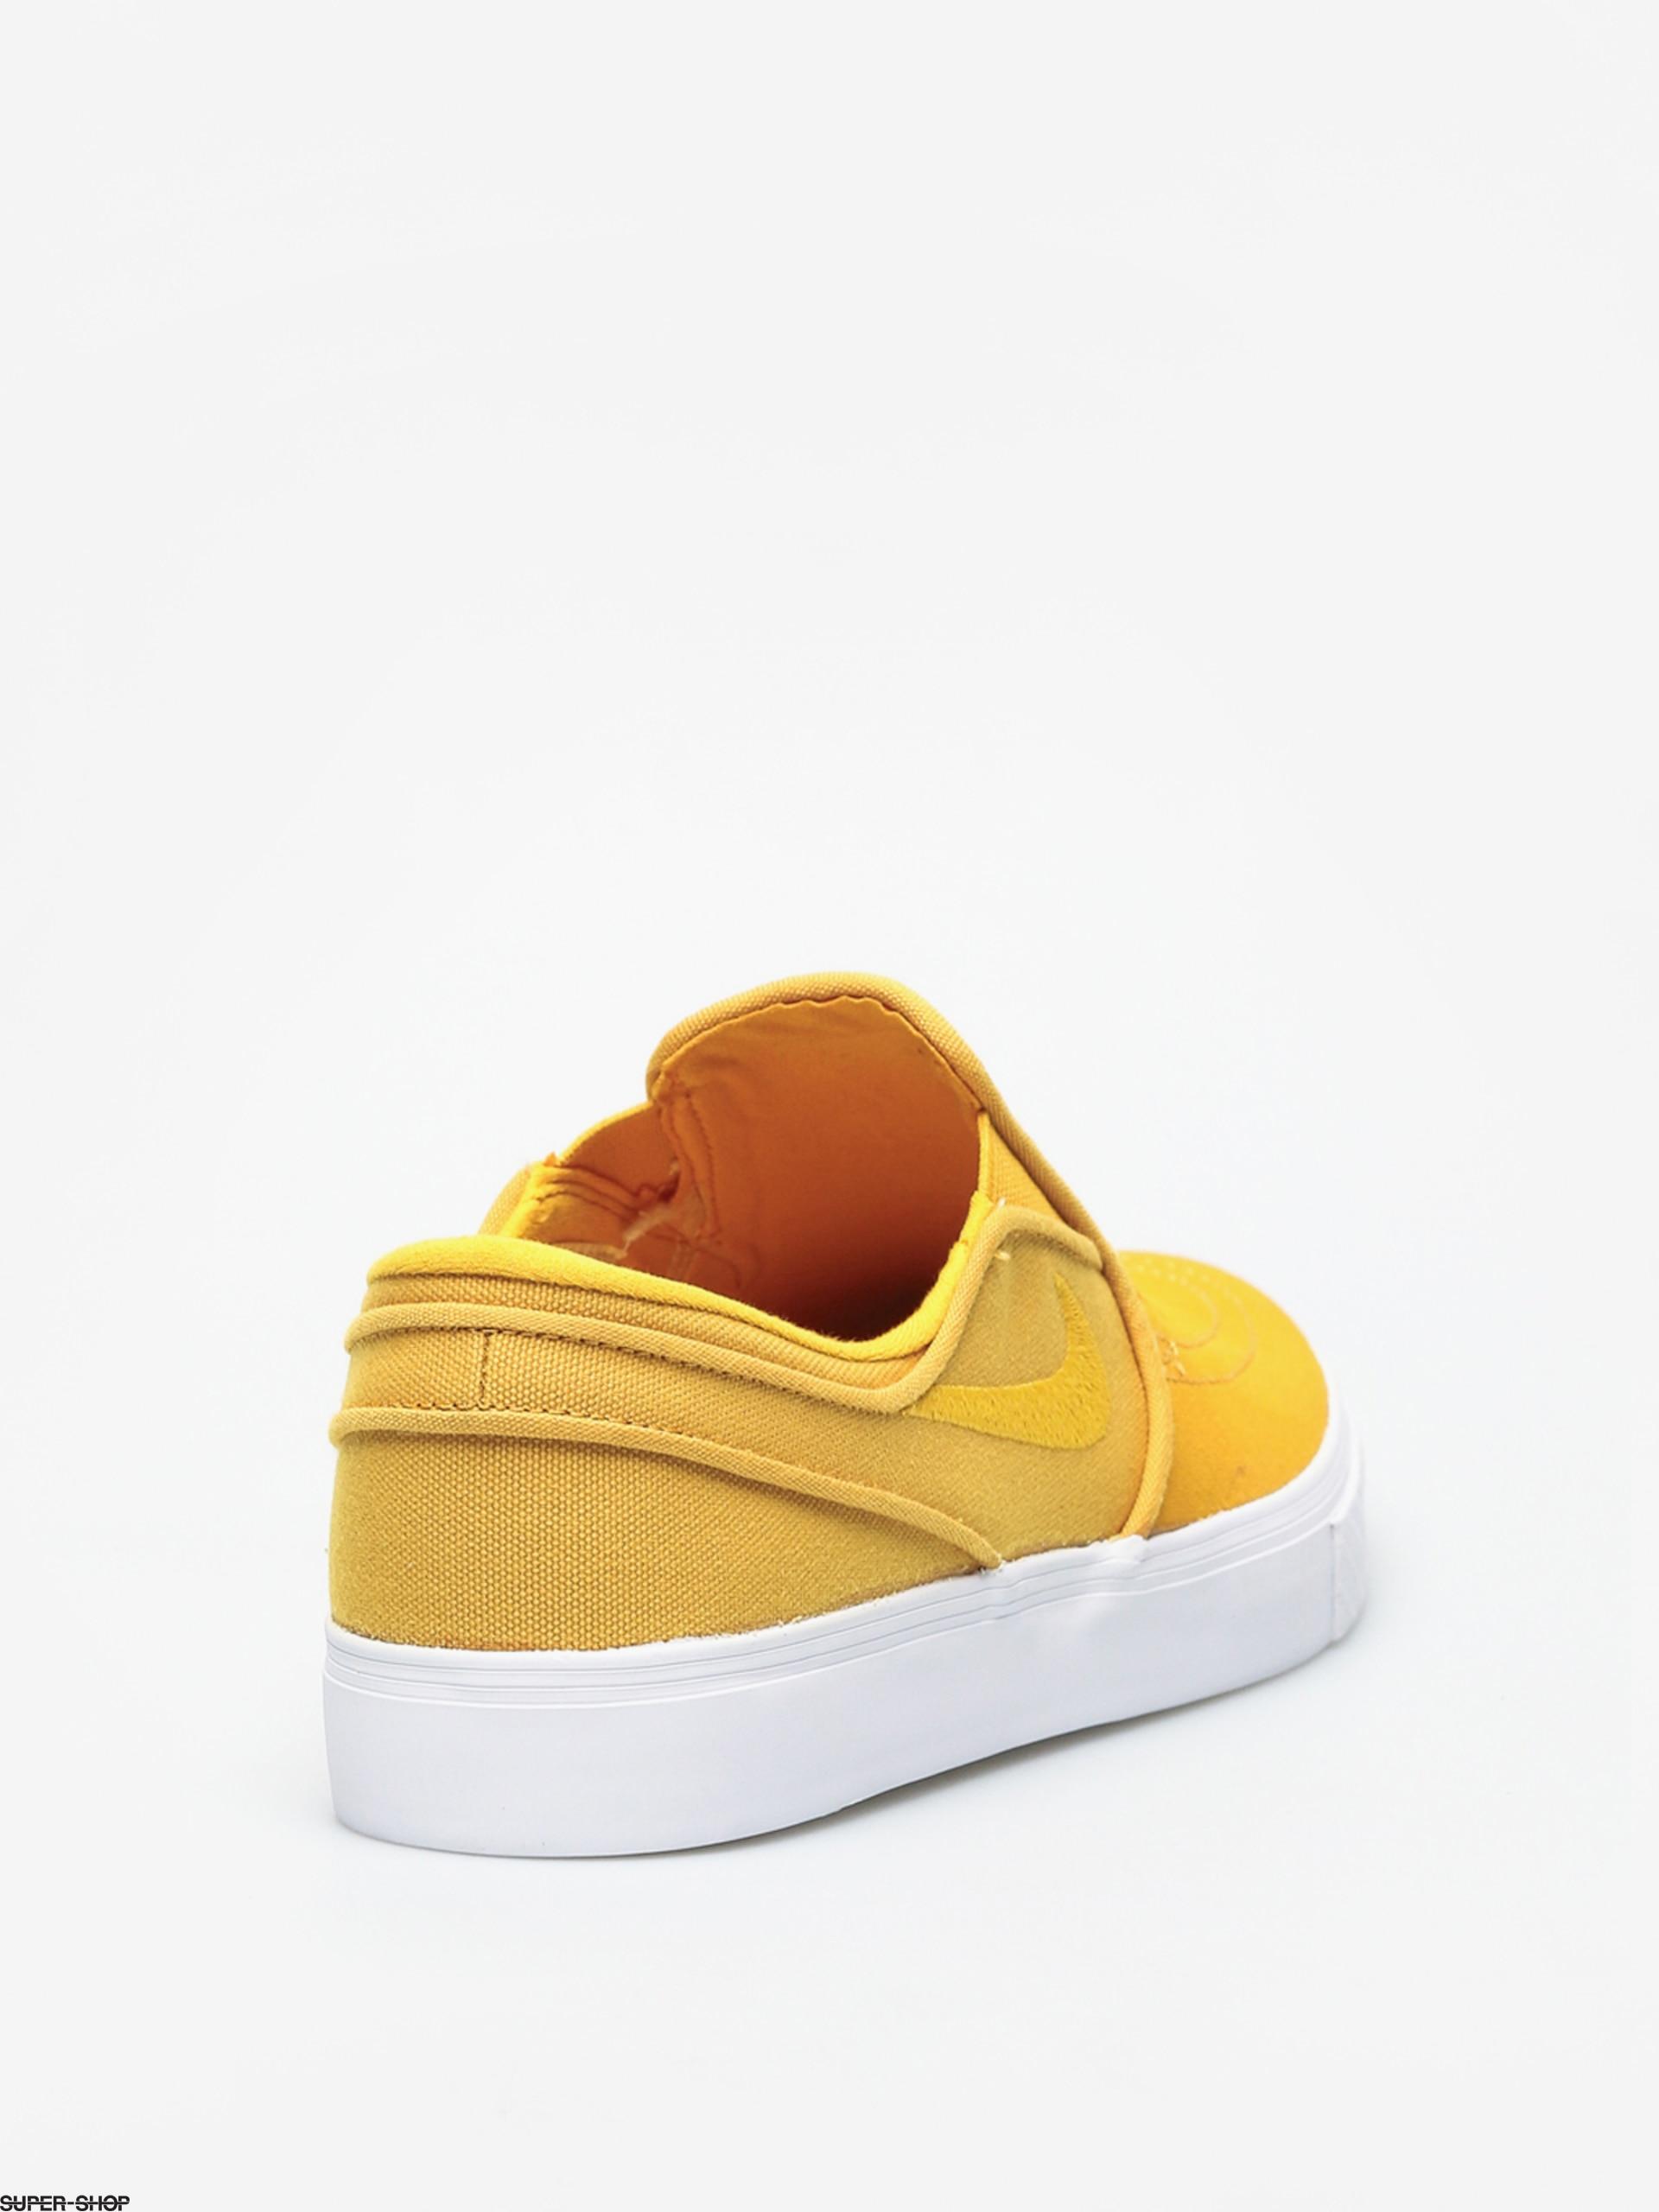 Ochre Shoesyellow Zoom Janoski Nike Slip White Ochreyellow Sb Stefan SVjpqULGzM